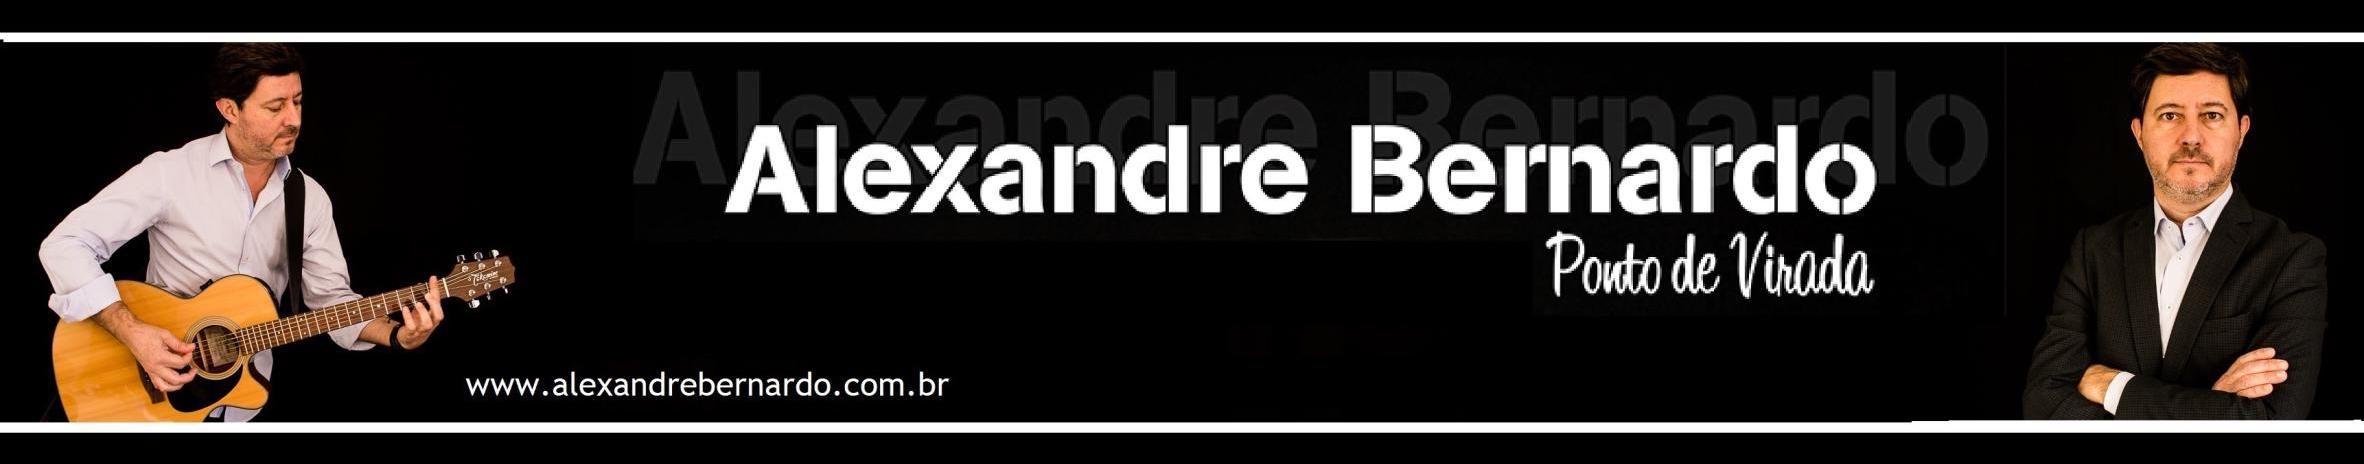 Imagem de capa de Alexandre Bernardo